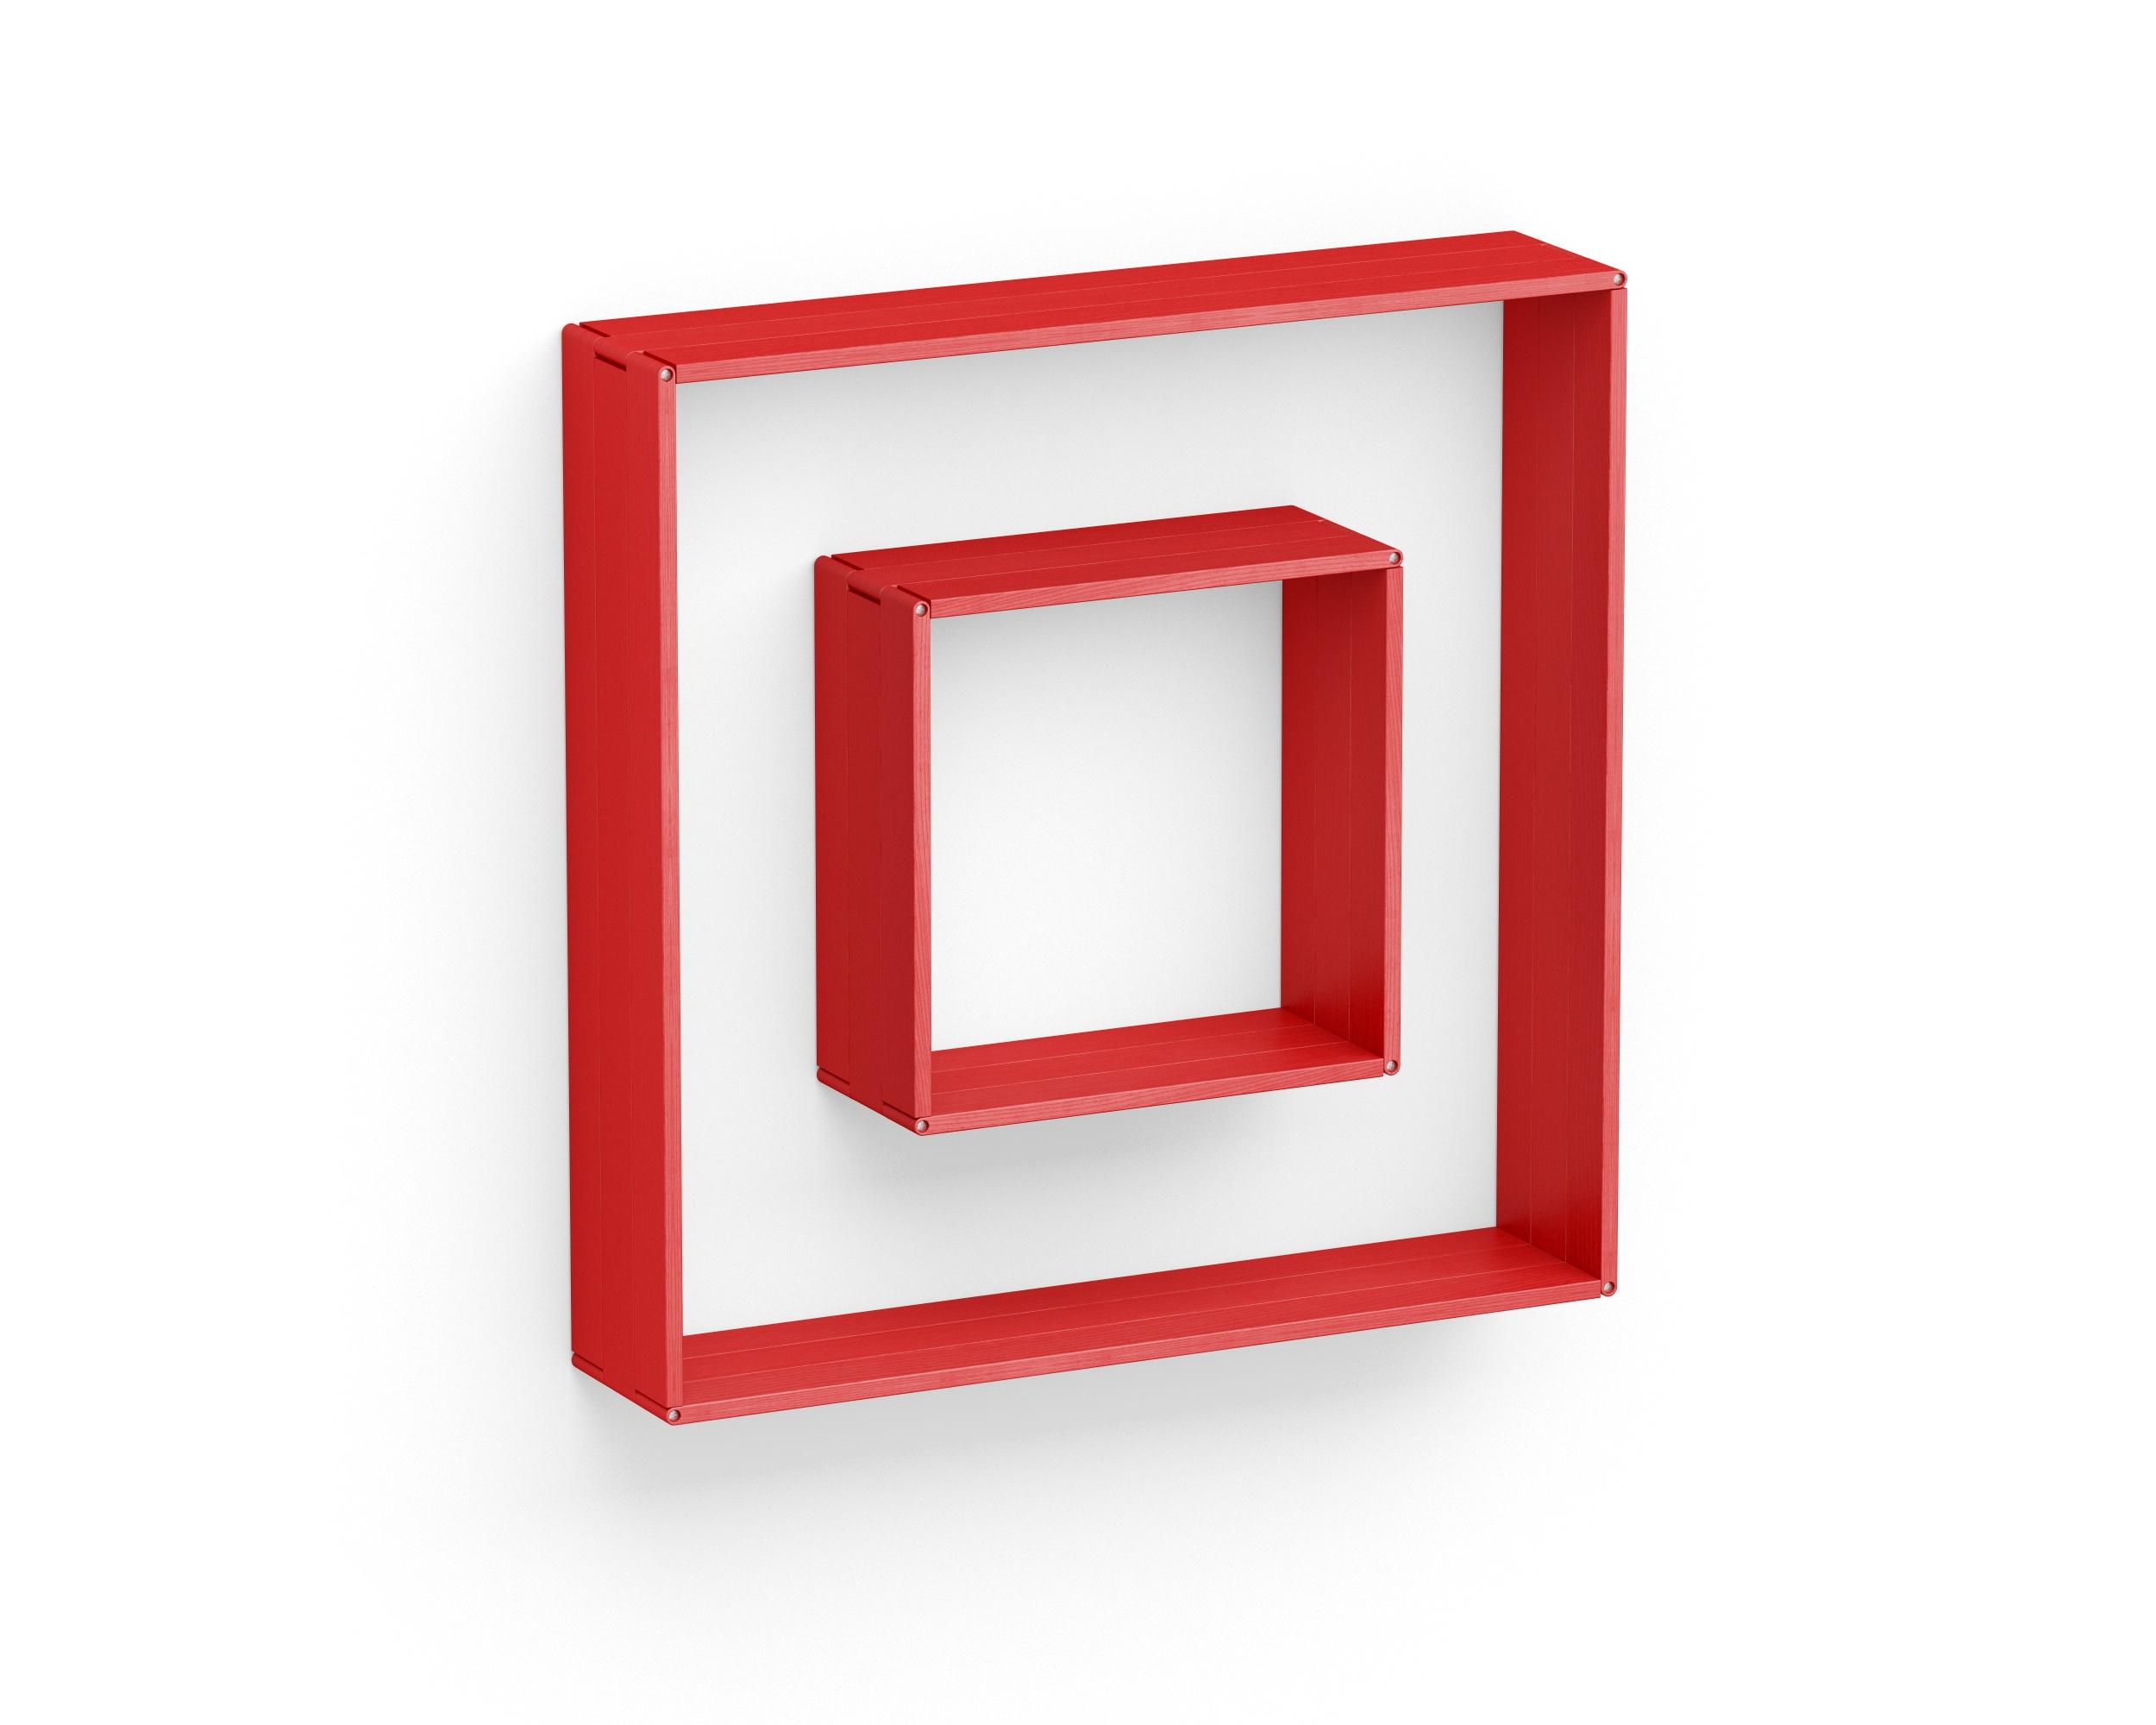 Полка-конструктор Flex Shelf 96Полки<br>цвет: натуральный ясень, красный, оранжевый, зеленый, голубой, сиреневый, белый, черный<br><br>Material: Ясень<br>Ширина см: 102.0<br>Высота см: 102.0<br>Глубина см: 22.0